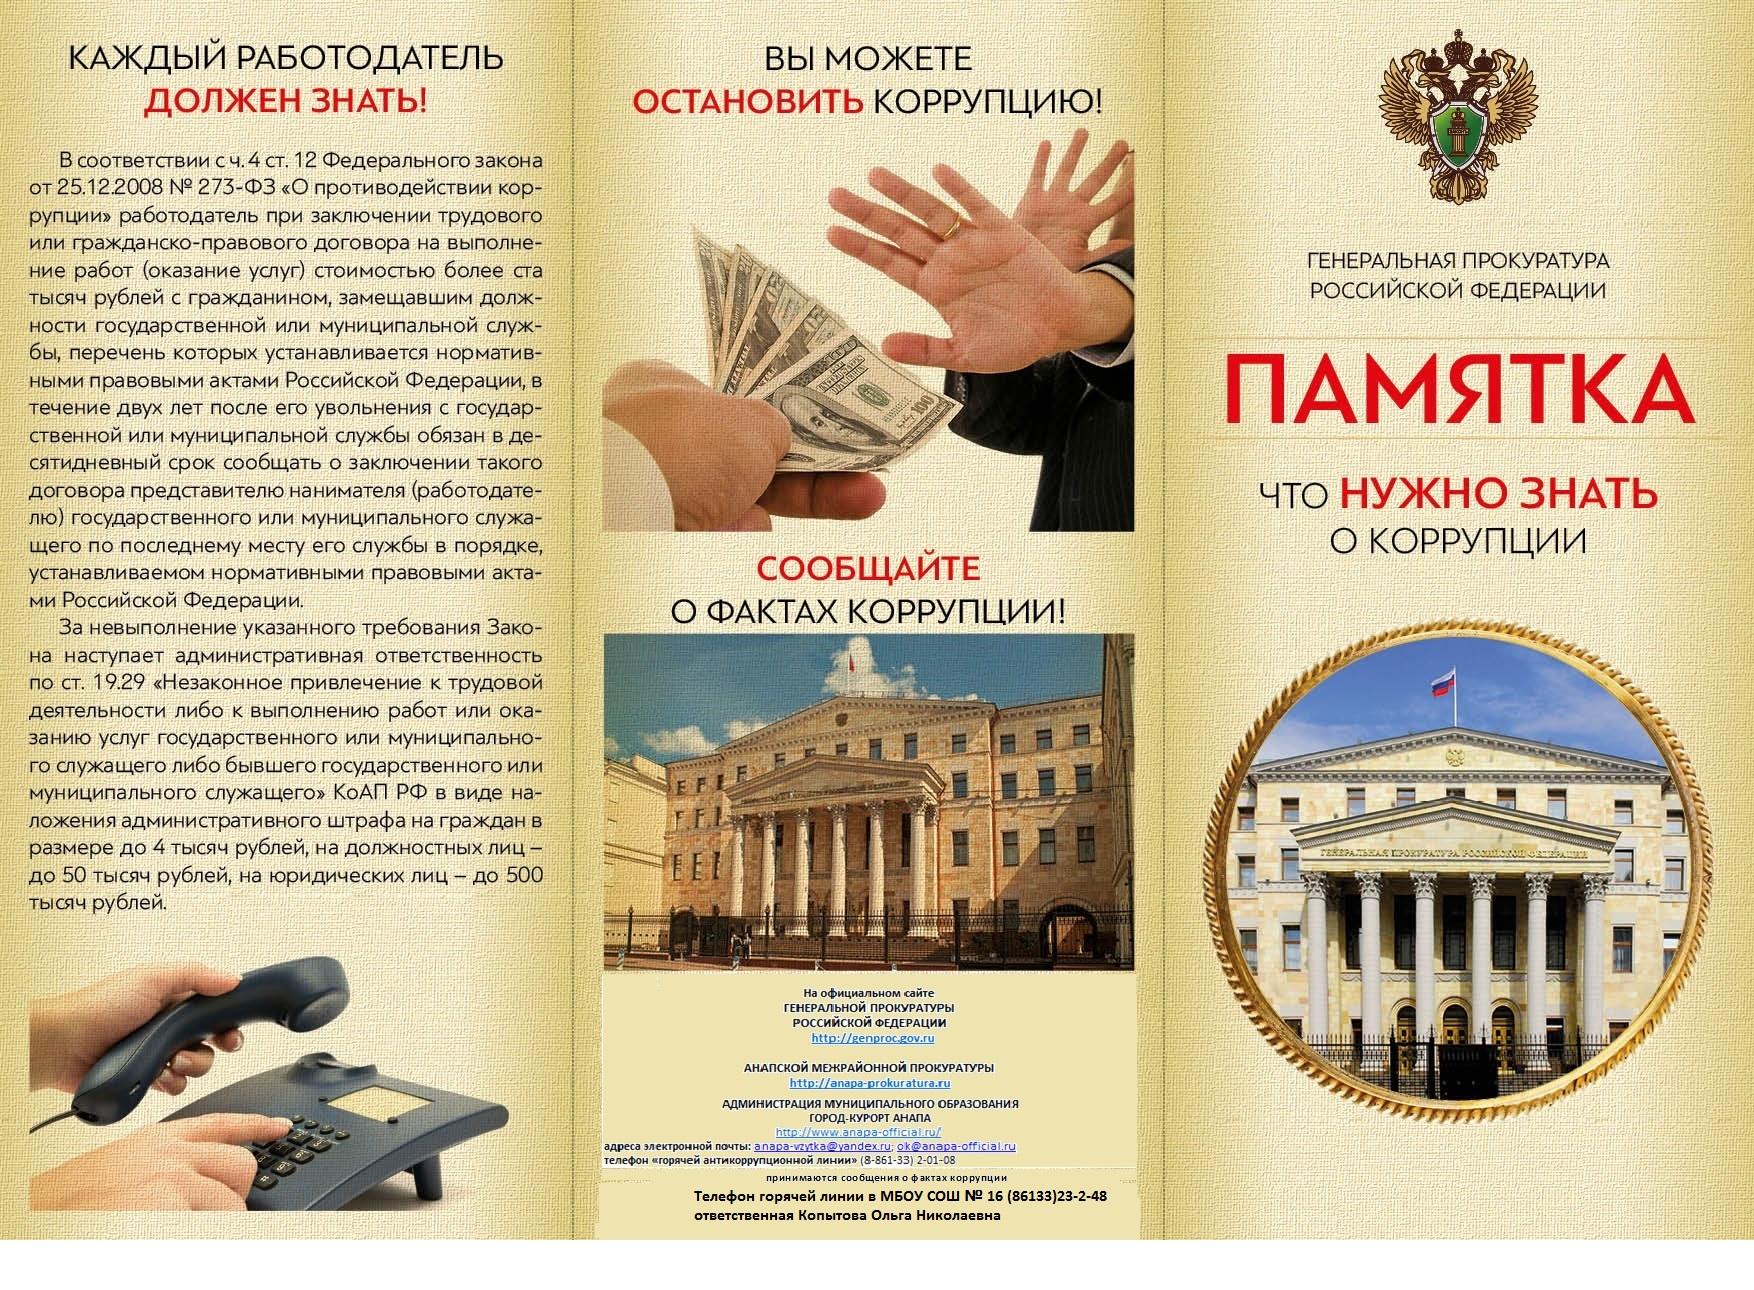 """Памятка """"Что нужно знать о коррупции"""""""